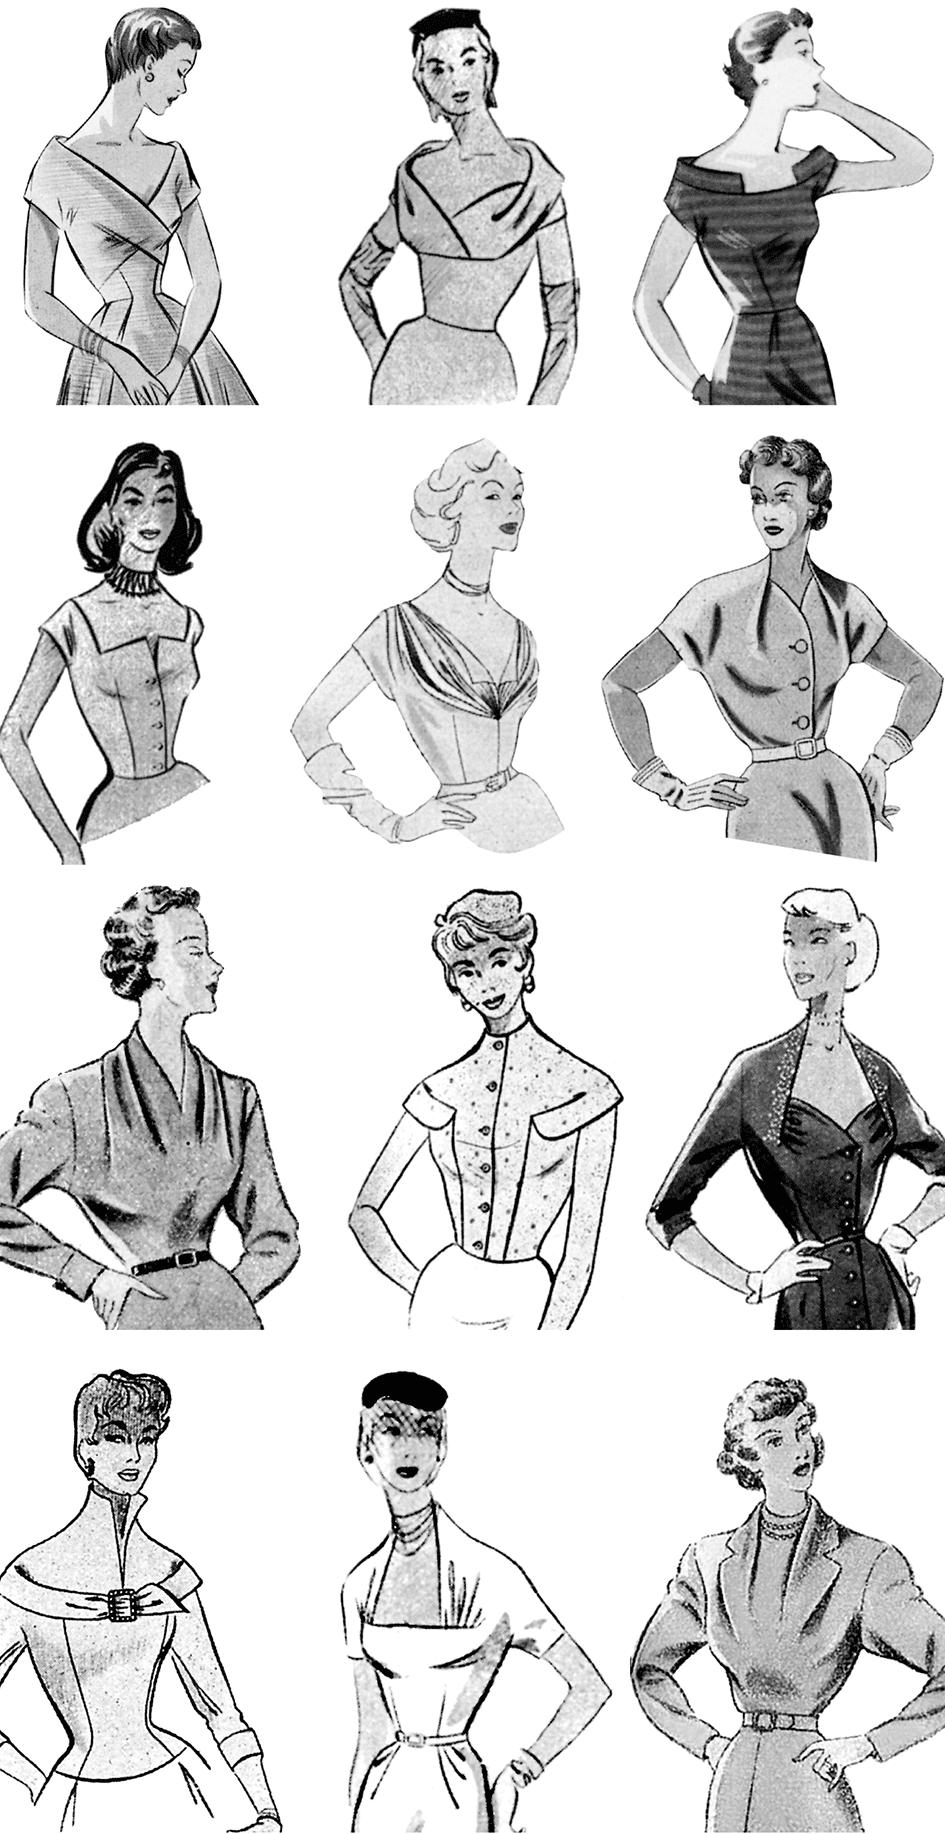 kleider der 50er jahre - ausschnittformen